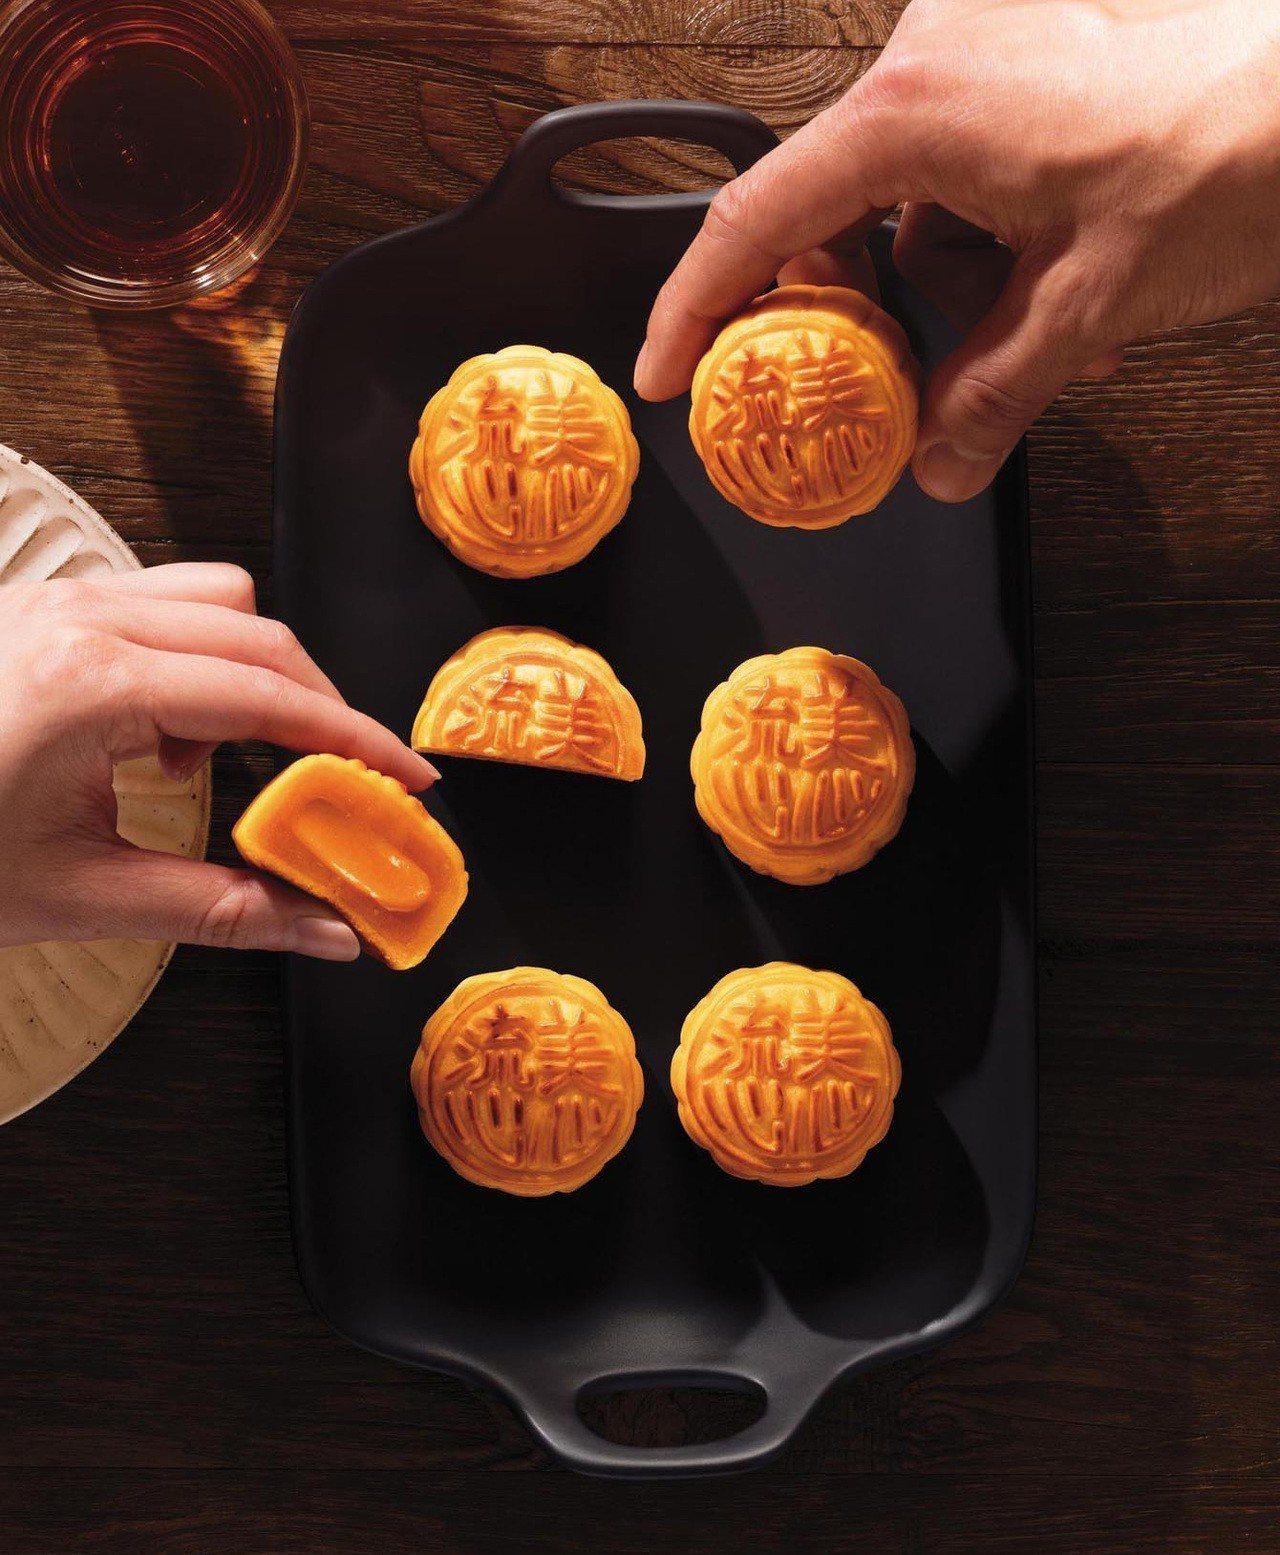 美 心 獨創 雙重 烘 焗 工 法 月餅 內餡 包 入流 心 奶 黃. 圖 美 美 心 月餅 提供